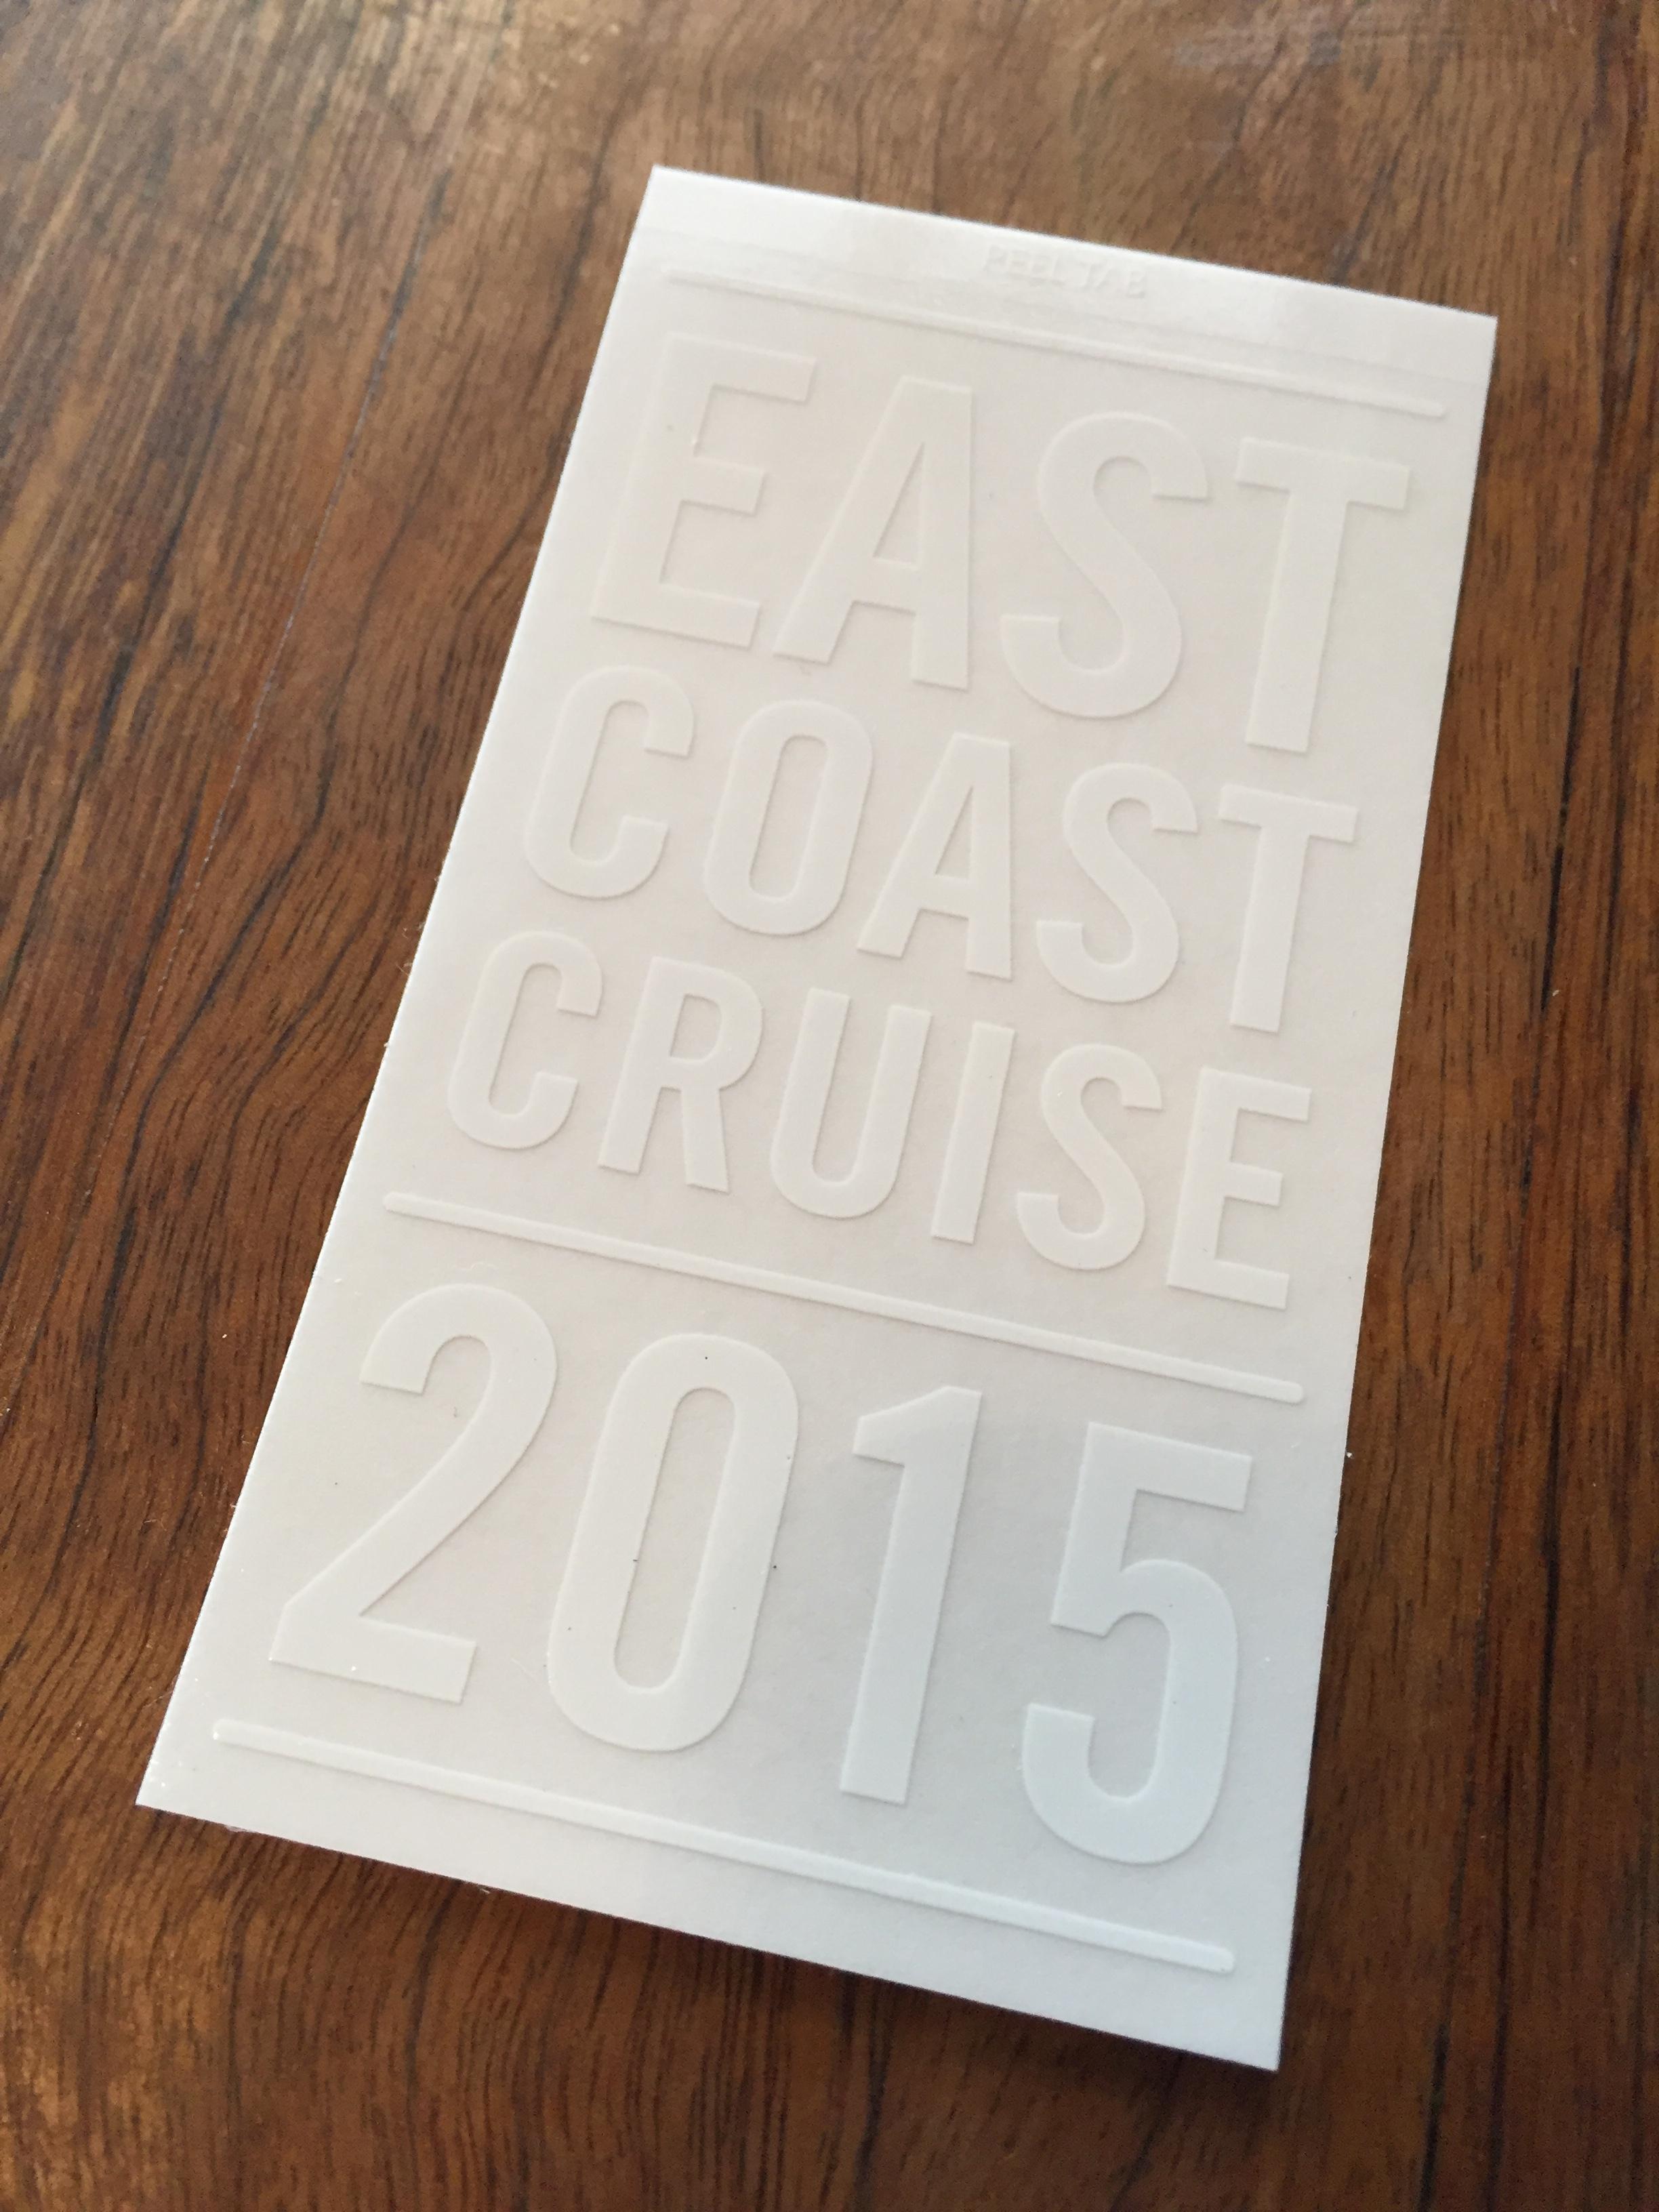 Screen printed / die cut stickers